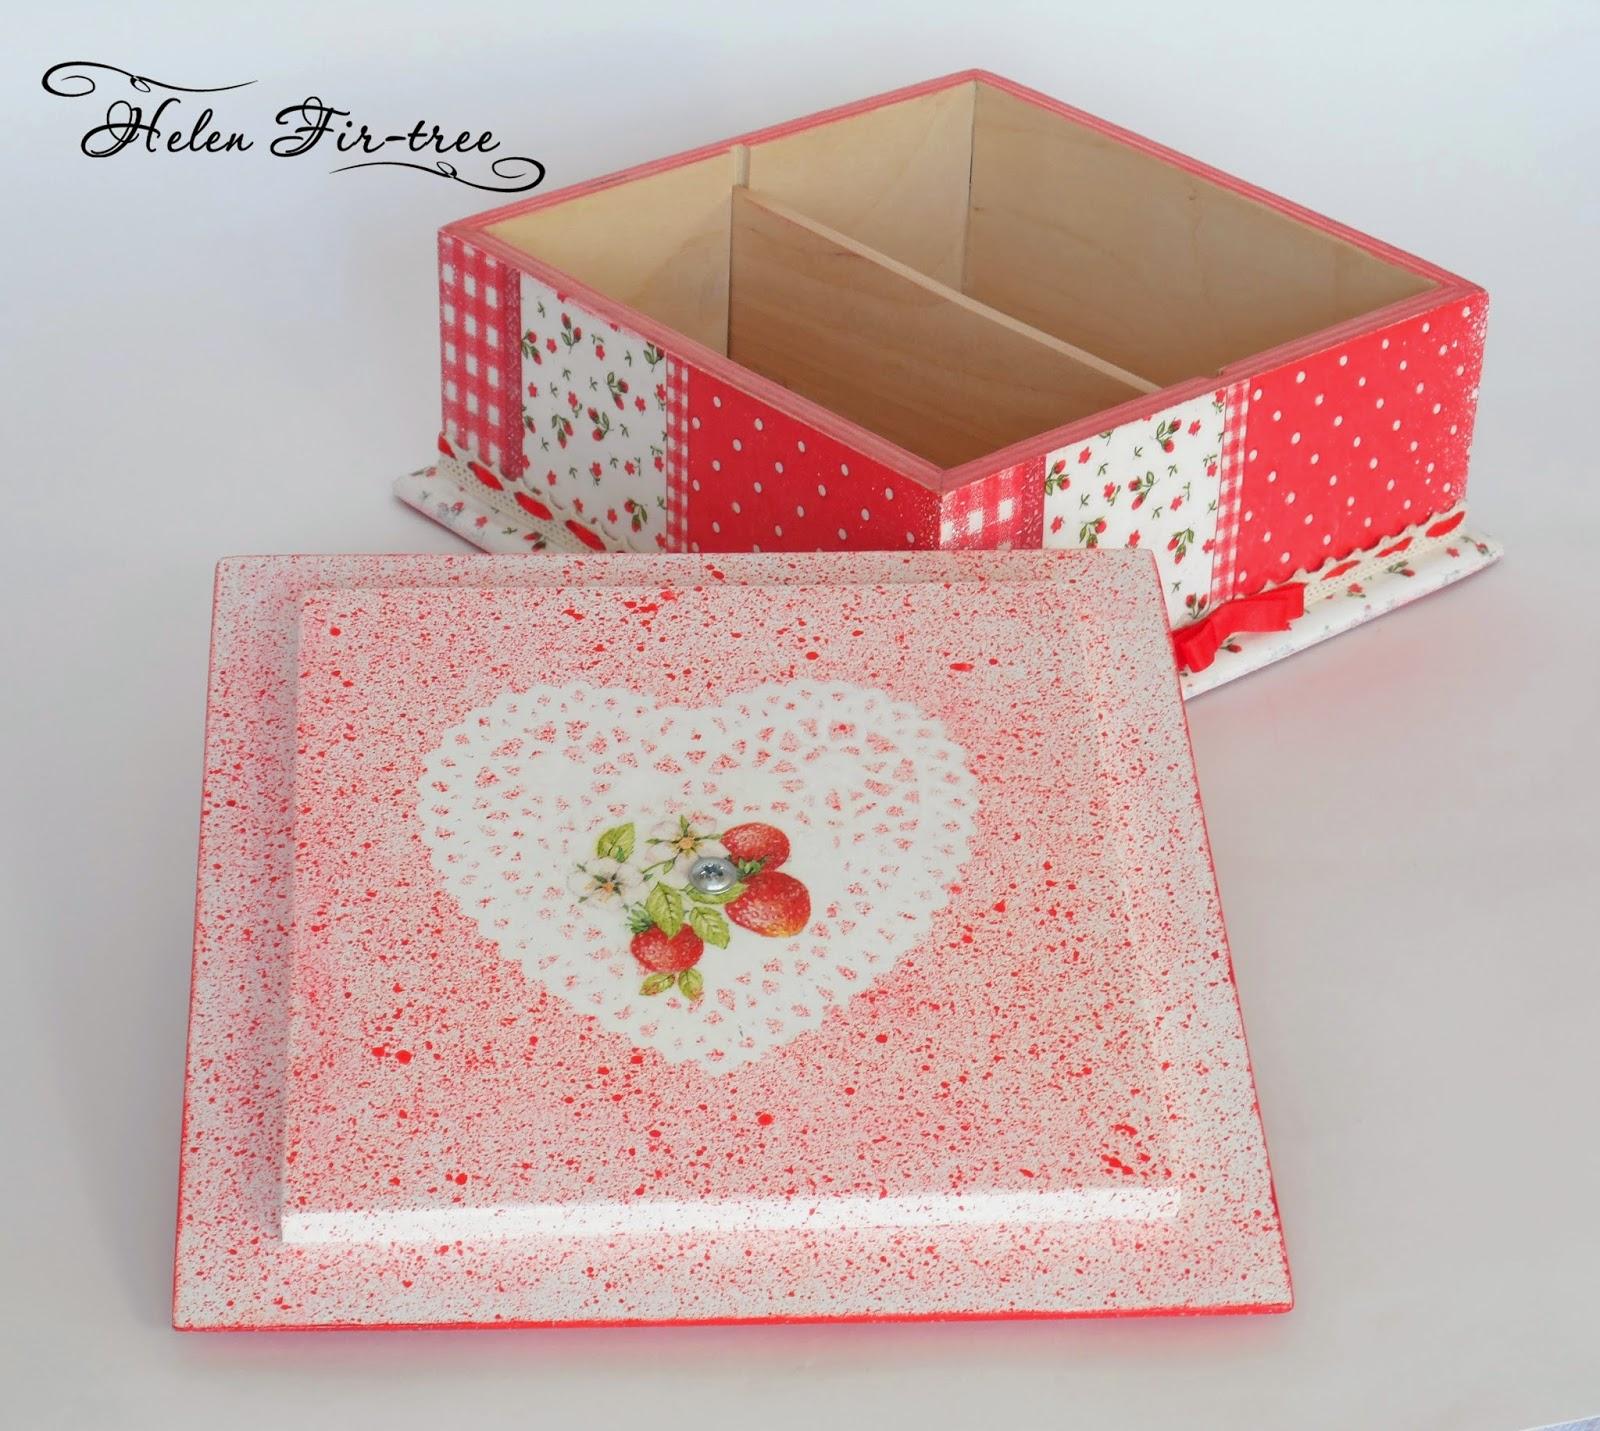 Helen Fir-tree декупаж комплект Земляничная поляна decoupage kit Strawberry Fields